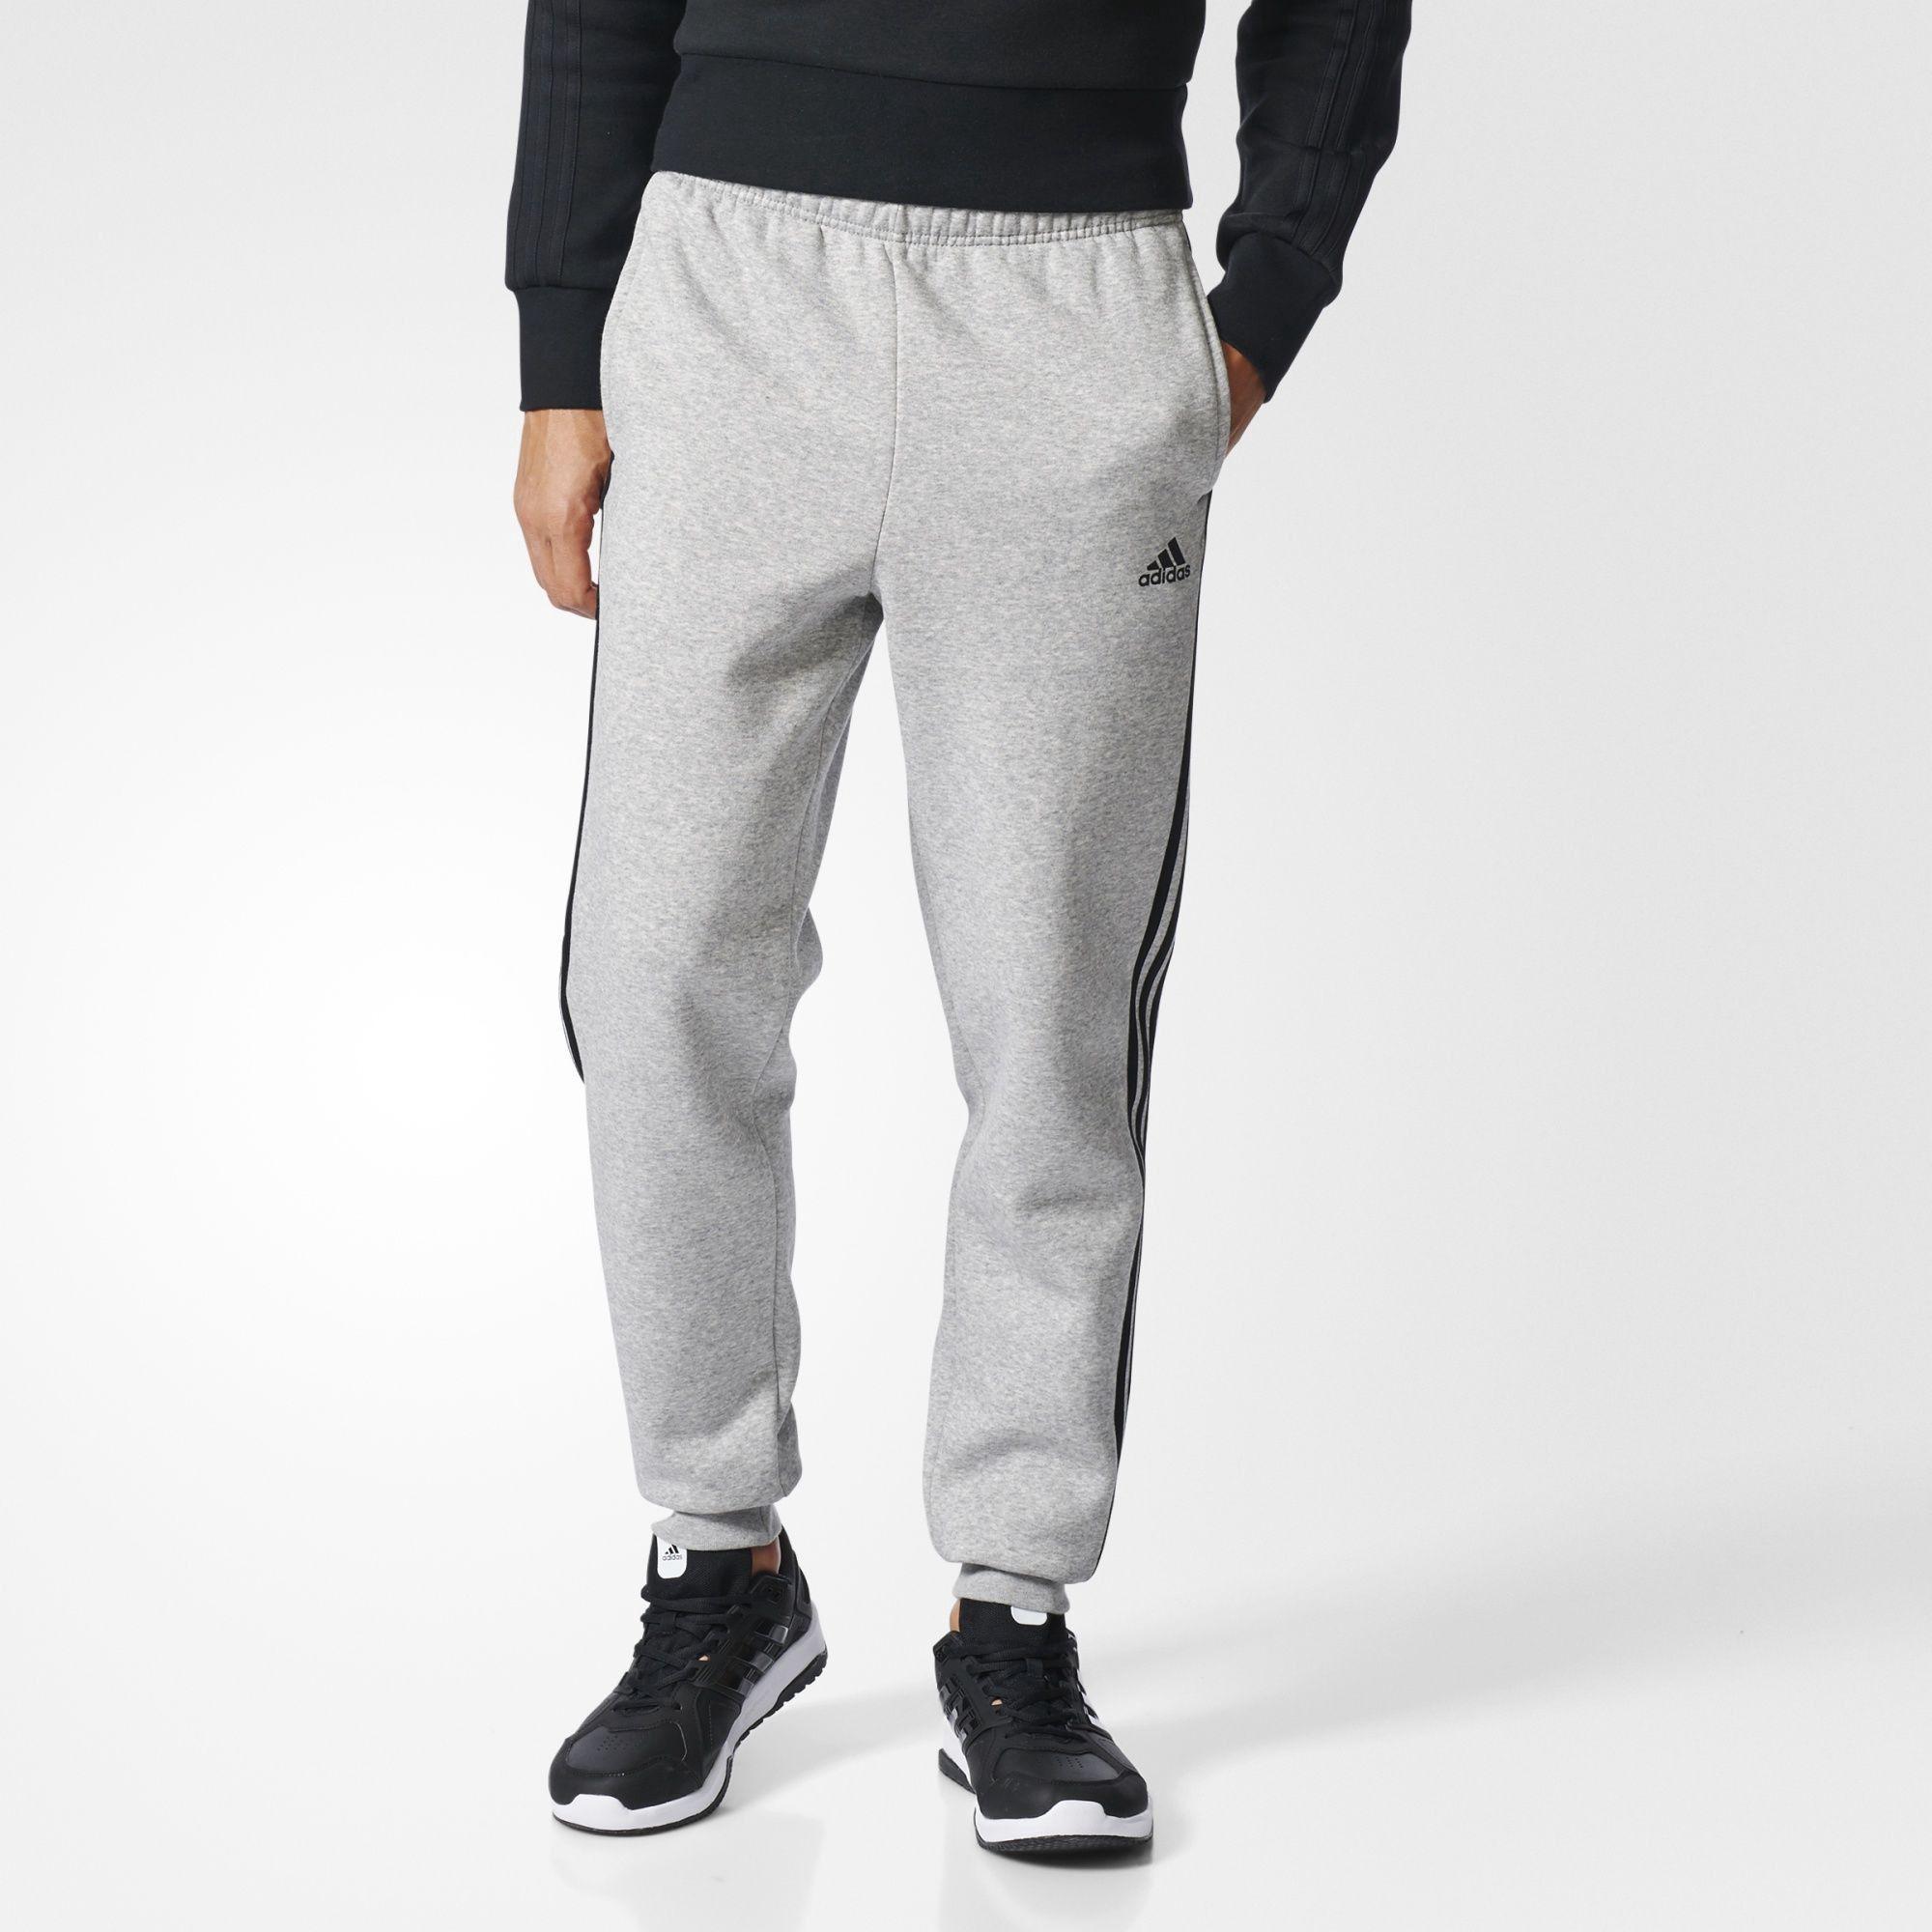 adidas essentials 3 stripes jogger pants